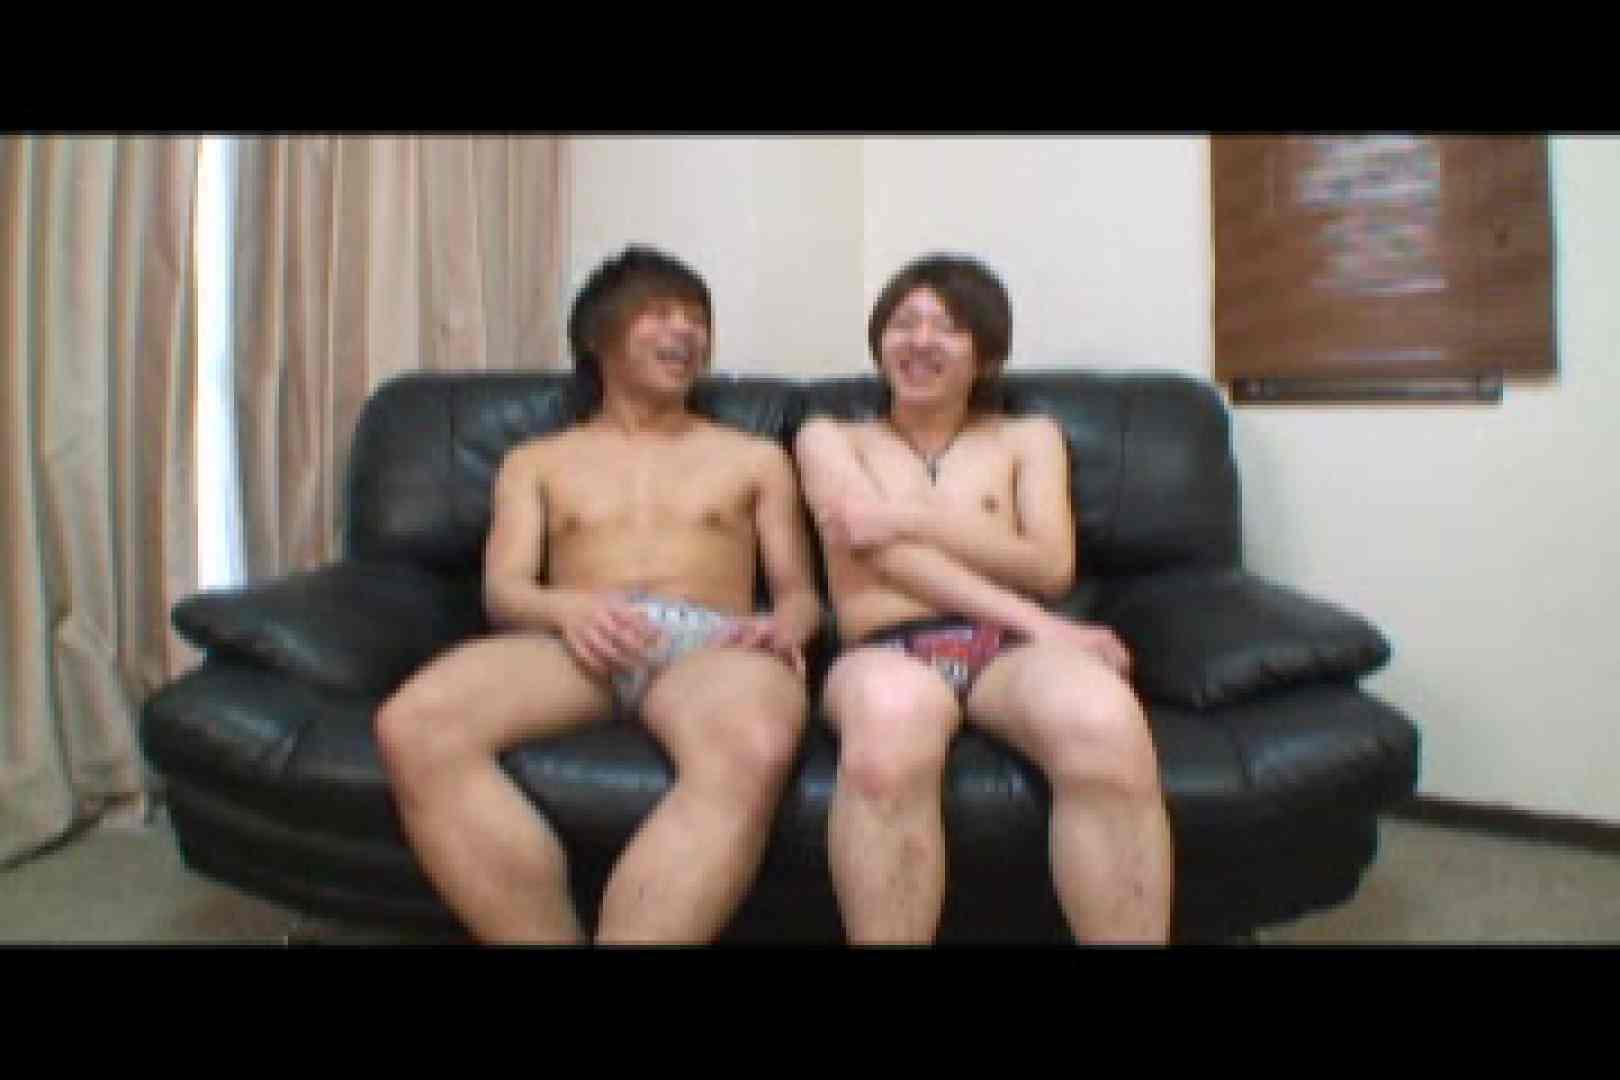 コンビネーションBoys!vol.02 入浴・シャワー丸見え ゲイAV画像 59pic 45